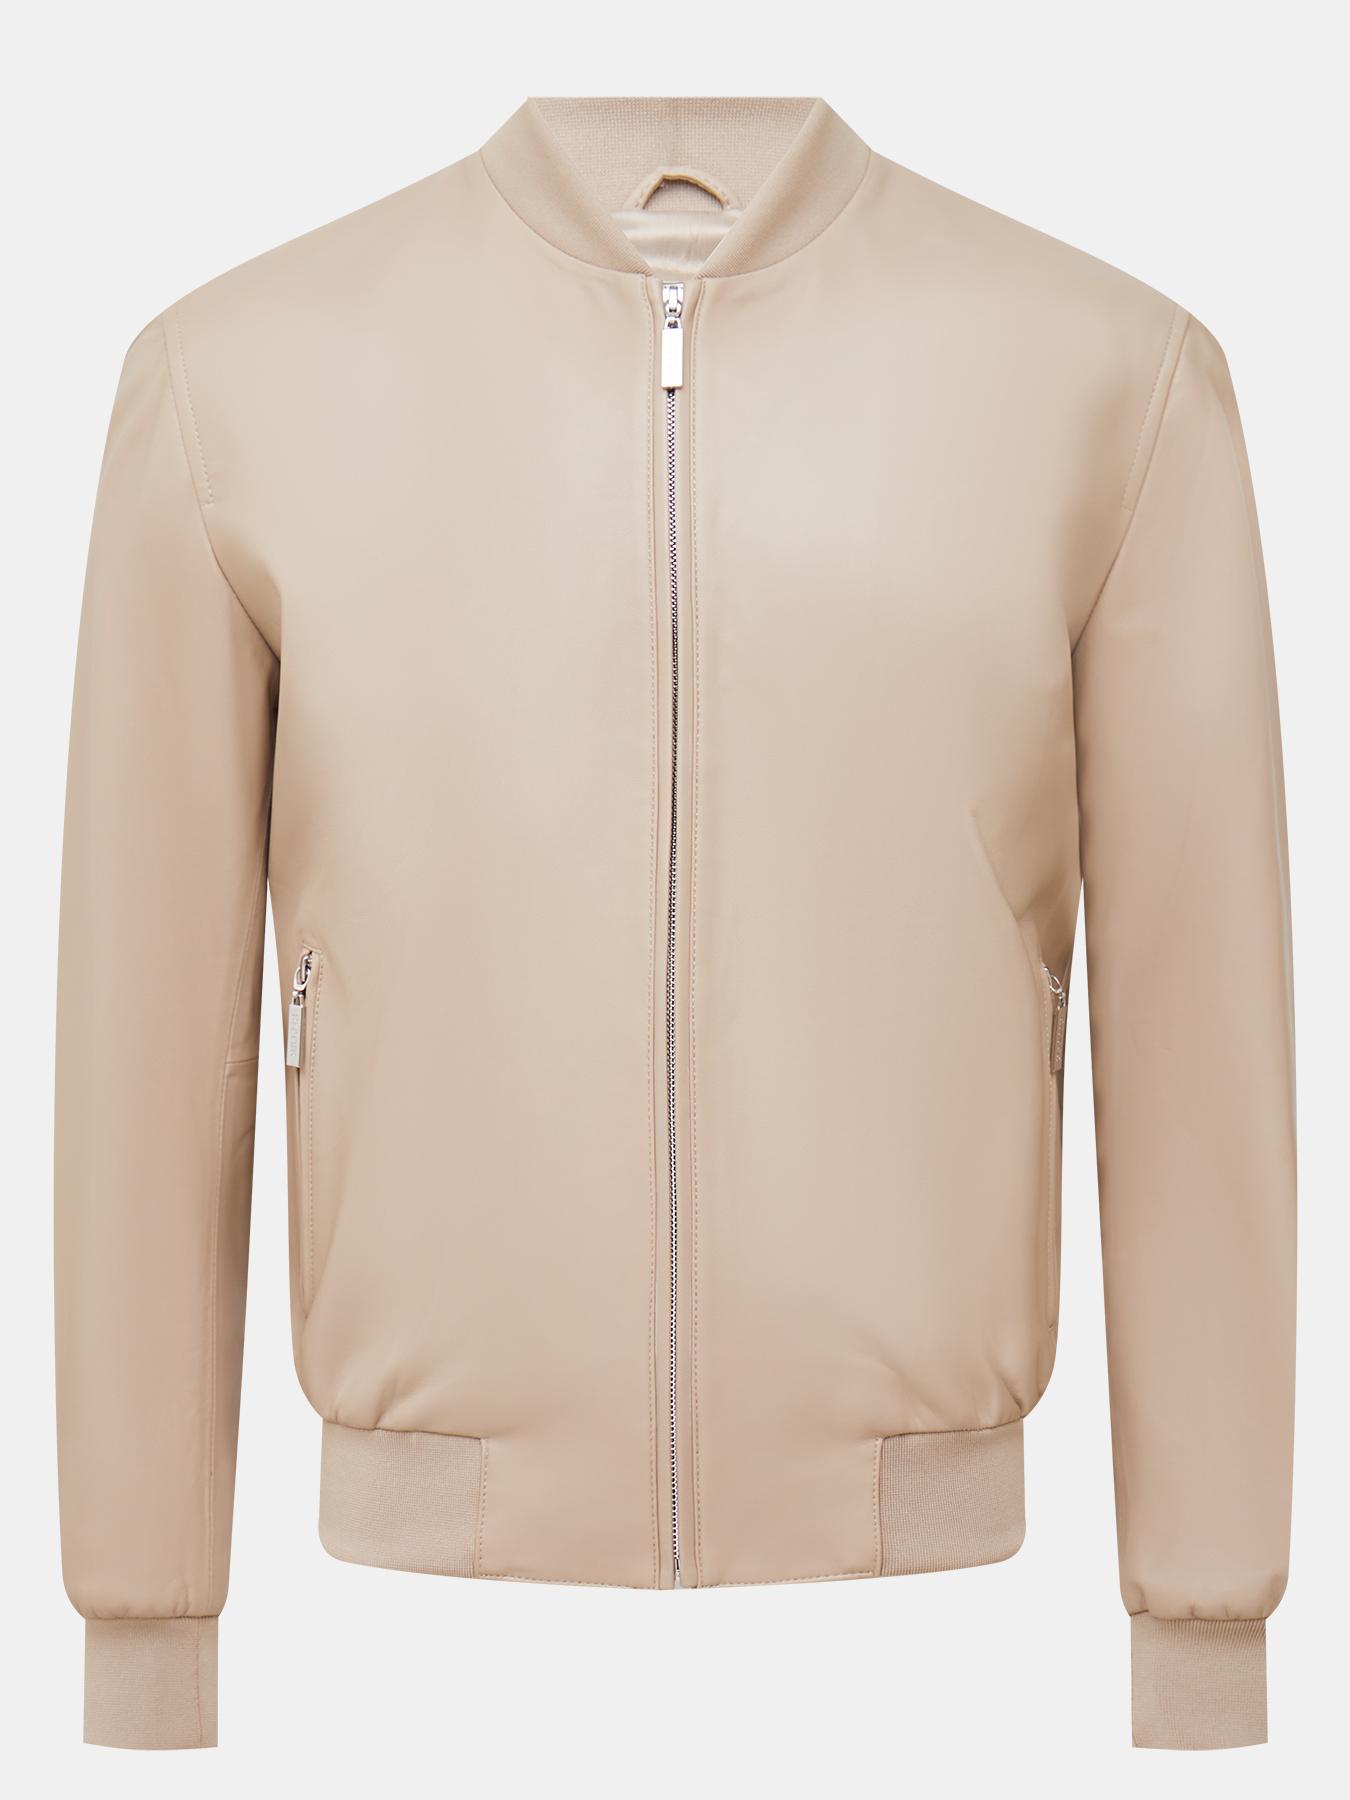 Фото - Кожаные куртки Ritter Кожаная куртка кожаная куртка mauritius кожаная куртка